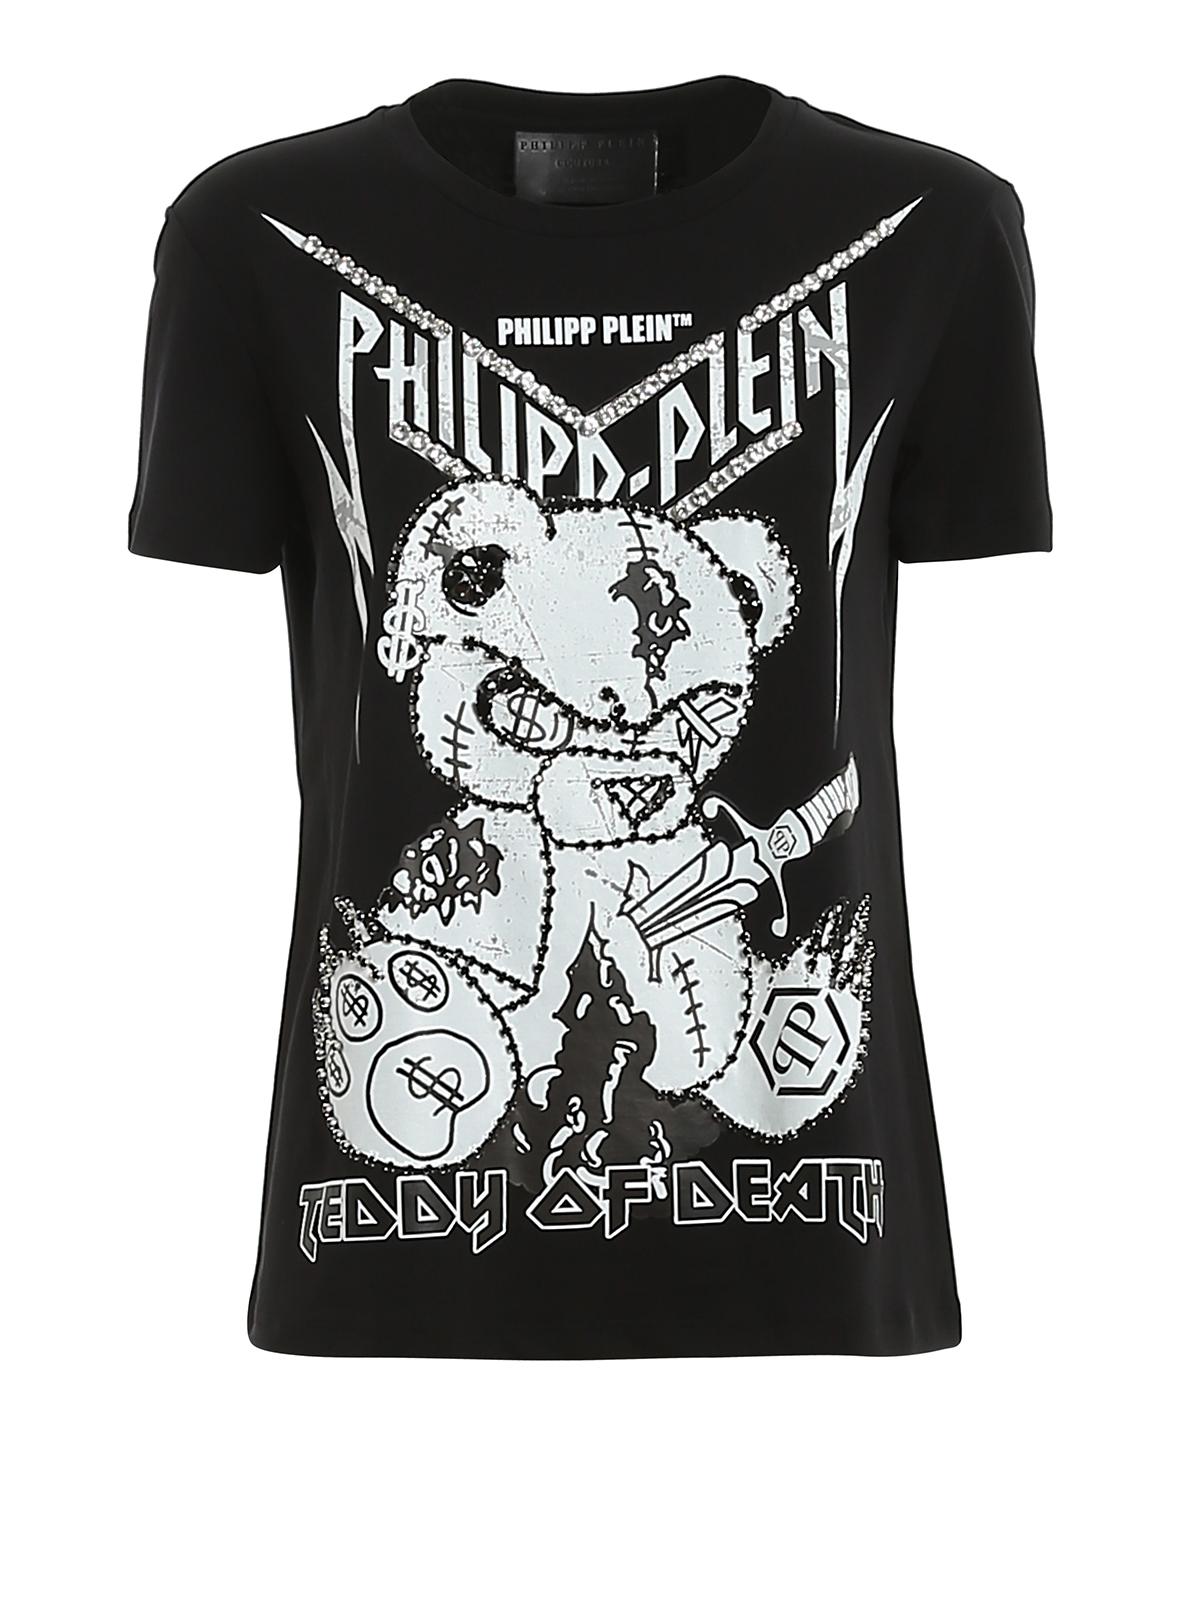 Philipp Plein TEDDY BEAR RHINESTONE T-SHIRT